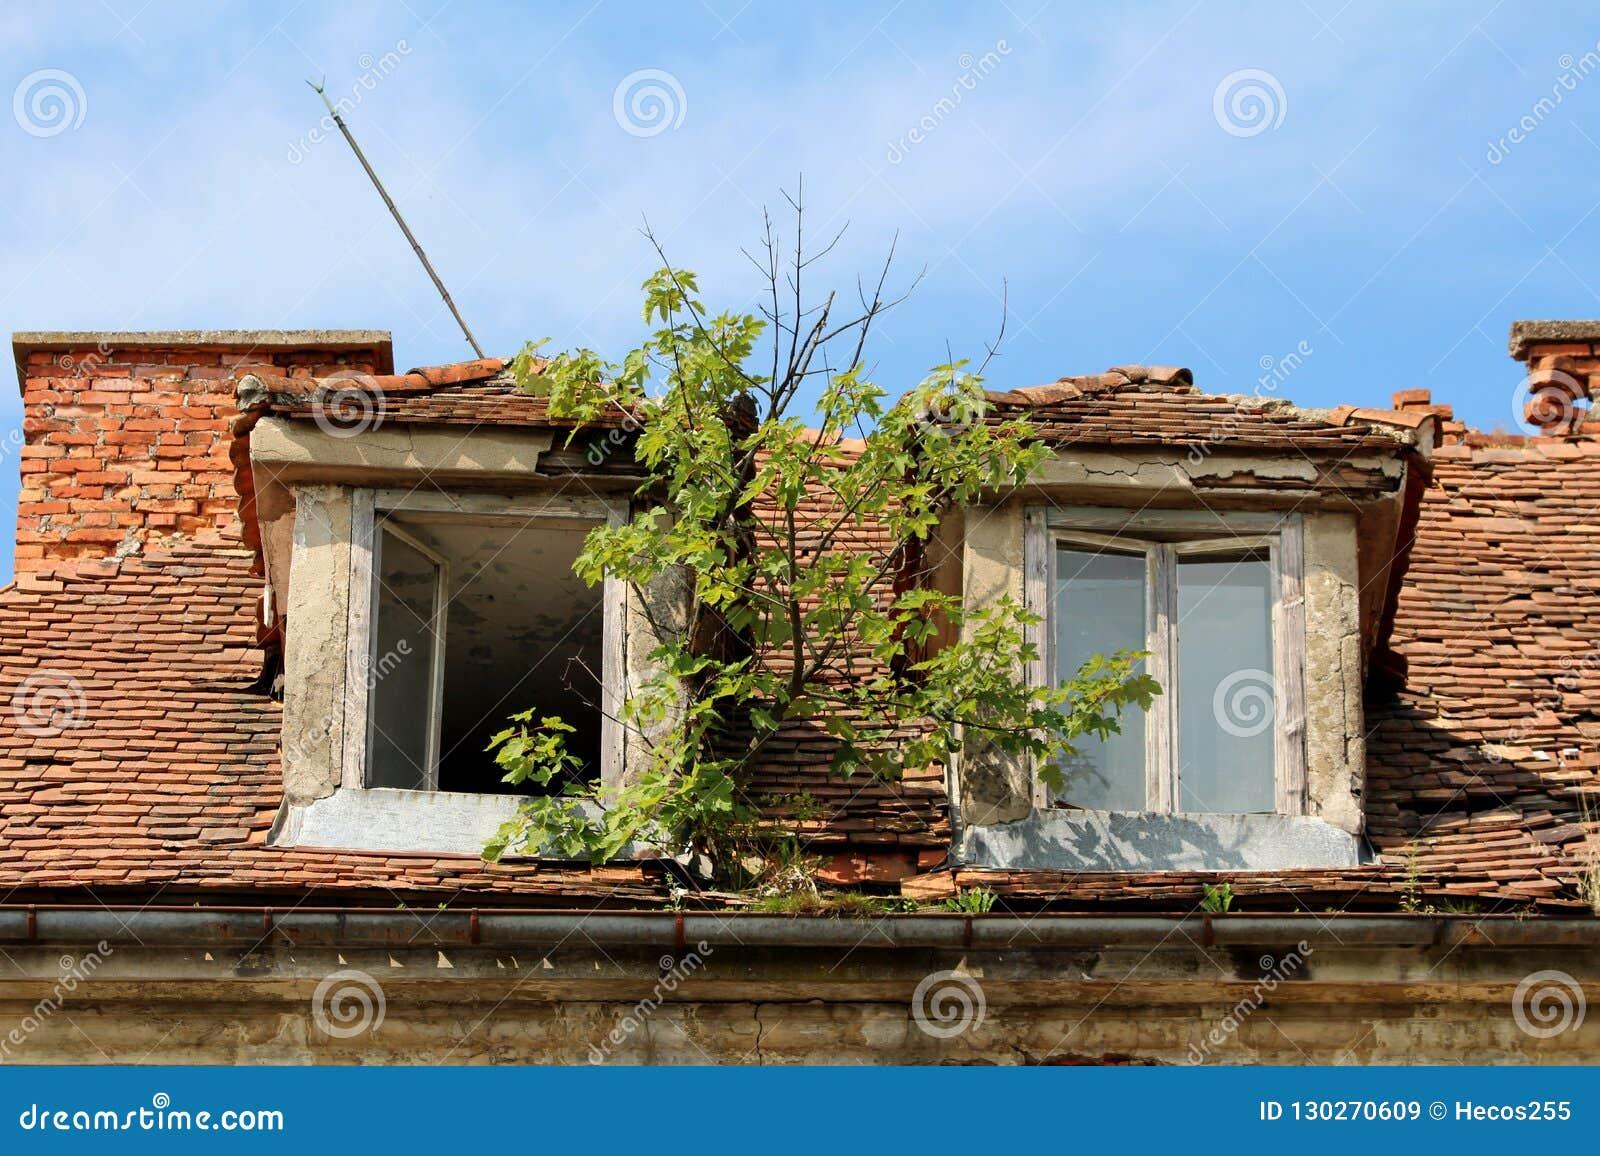 Het kleine boom groeien van geroeste metaalgoot tussen twee gebroken dakvensters bij de verlaten oude bouw